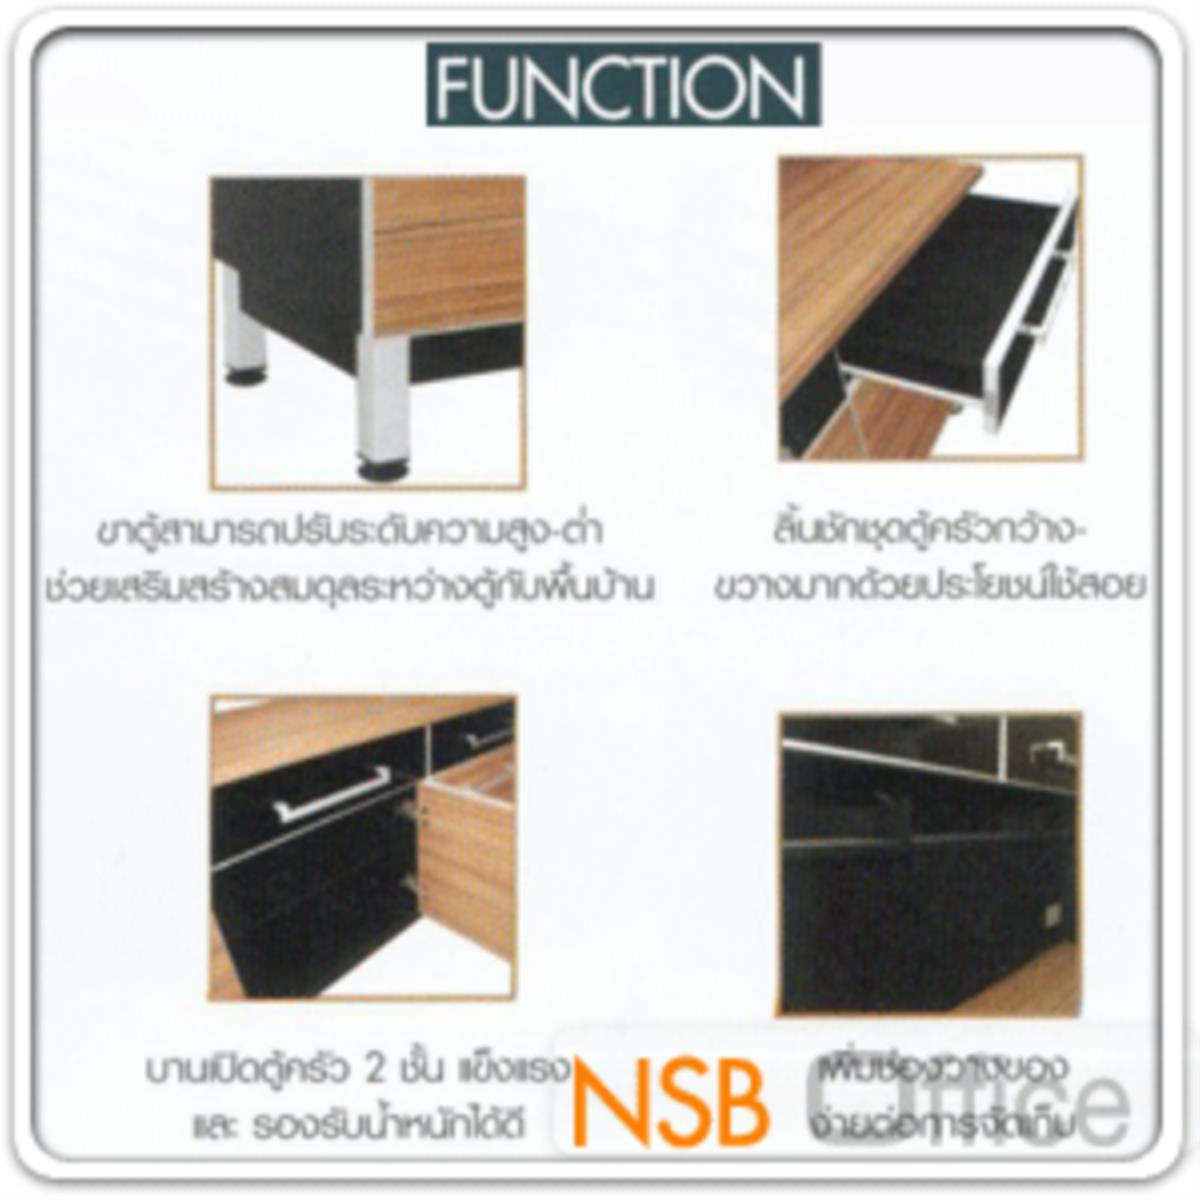 ชุดตู้ครัวสูง ทันสมัย  รุ่น Mingles (มิงเกิ้ลส์)  ขนาด 120W cm. สีวอลนัทตัดกระจกชาดำ